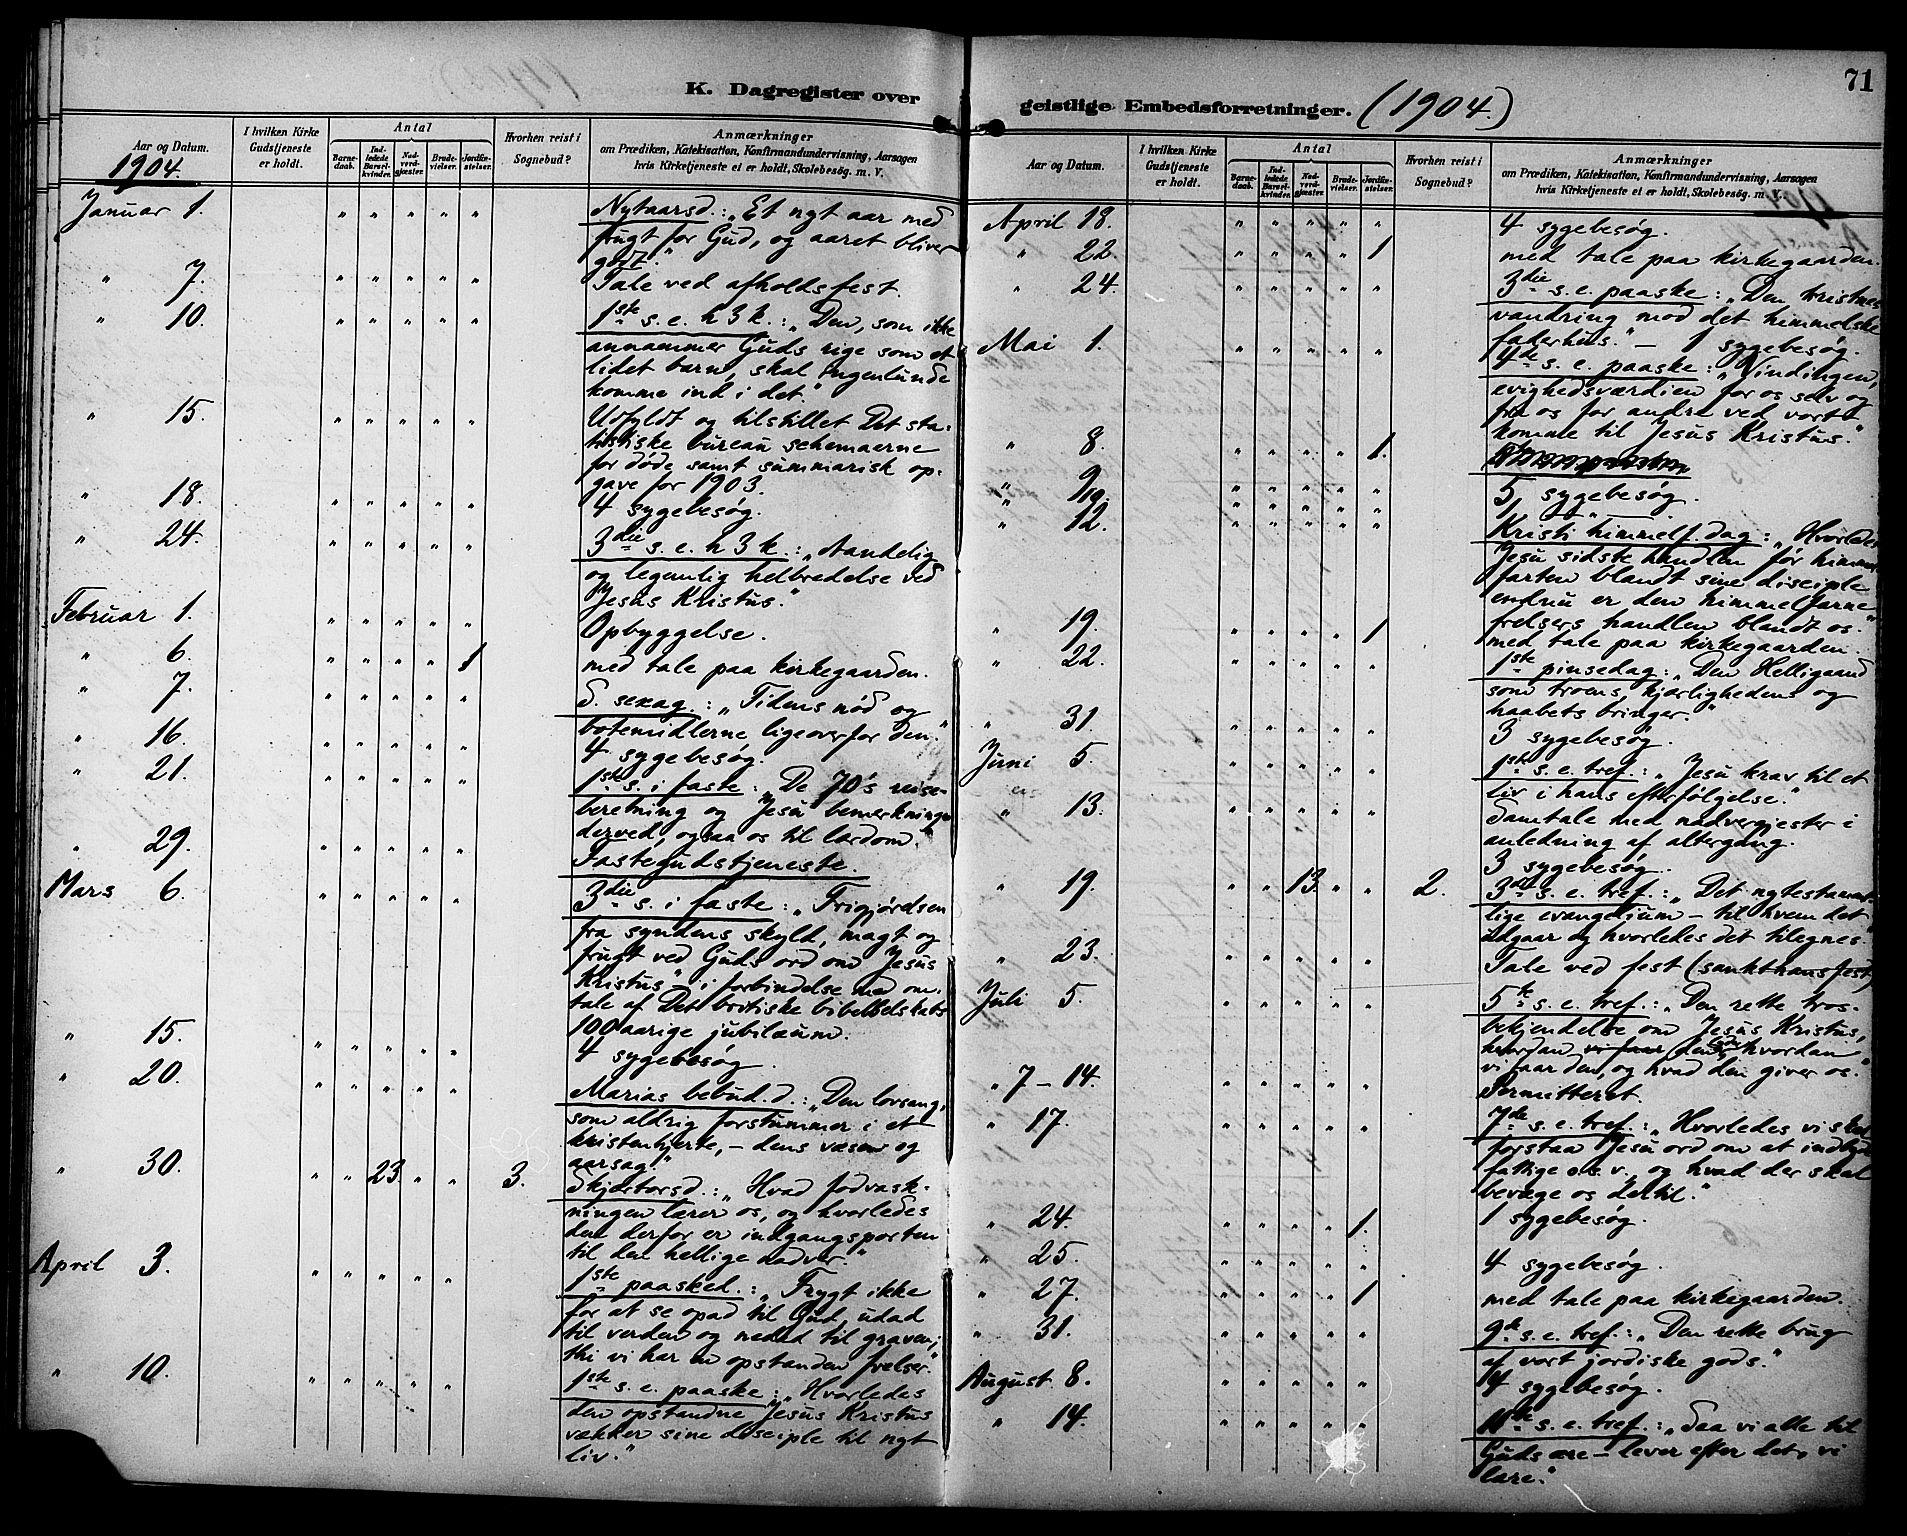 SAT, Ministerialprotokoller, klokkerbøker og fødselsregistre - Sør-Trøndelag, 629/L0486: Ministerialbok nr. 629A02, 1894-1919, s. 71